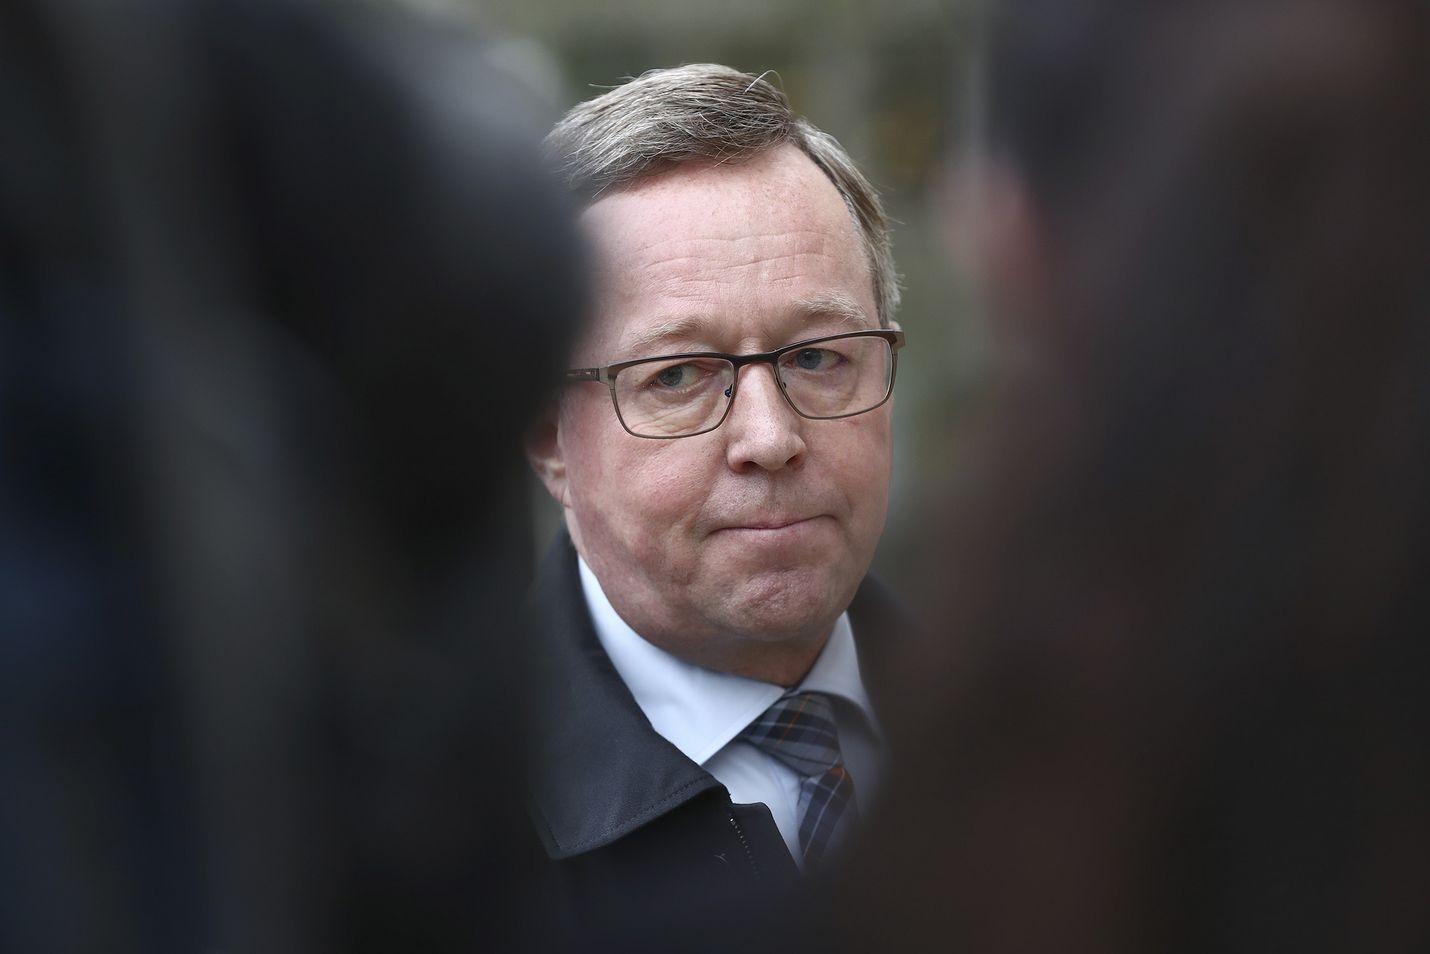 Elinkeinoministeri Mika Lintilä sanoo, että ravintoloiden tukemiseen voidaan tarvitaan kustannustuki 3 b. Se tarkoittaa sitä, että kustannustukimallia kehitetään ravintoloiden tukemiseen sopivaksi.